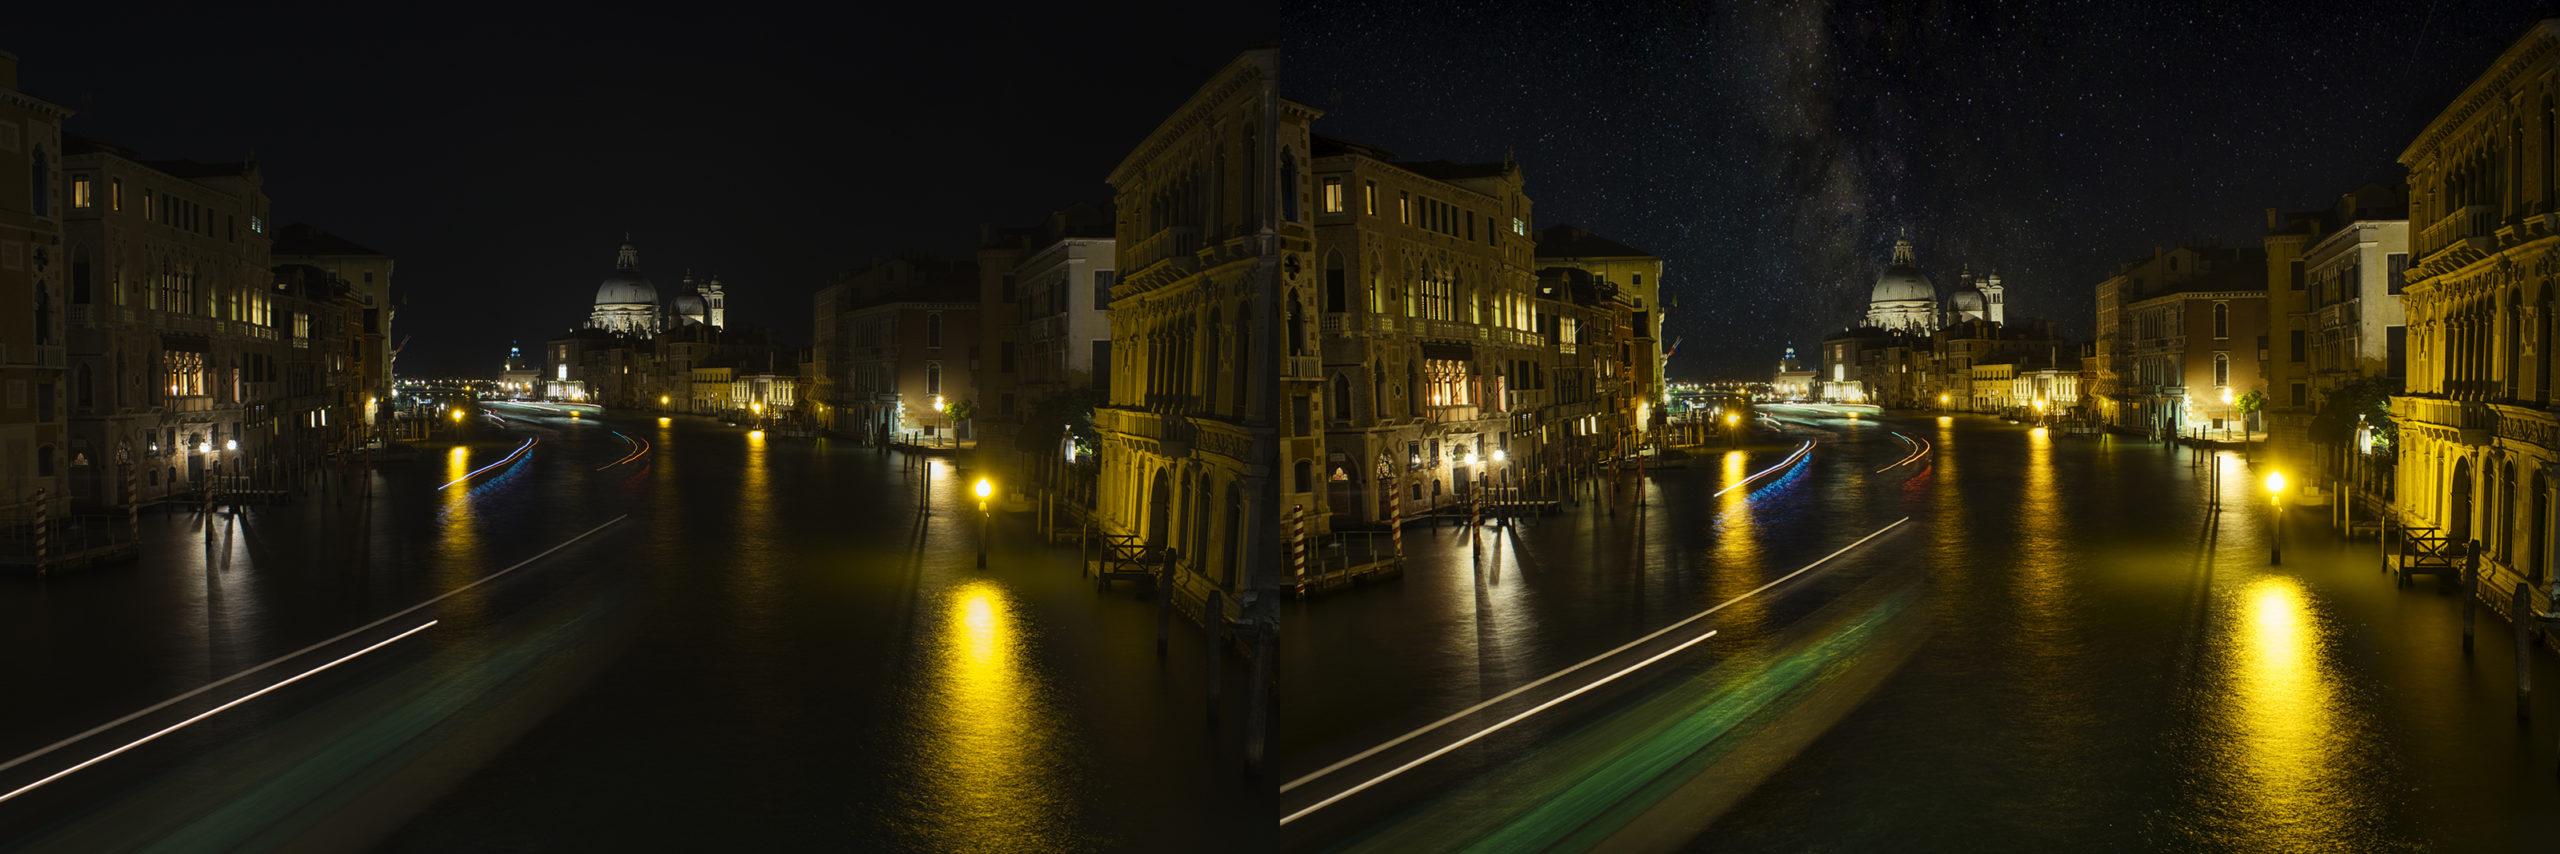 Recensione Luminar 4, Intelligenza artificiale applicata alle foto